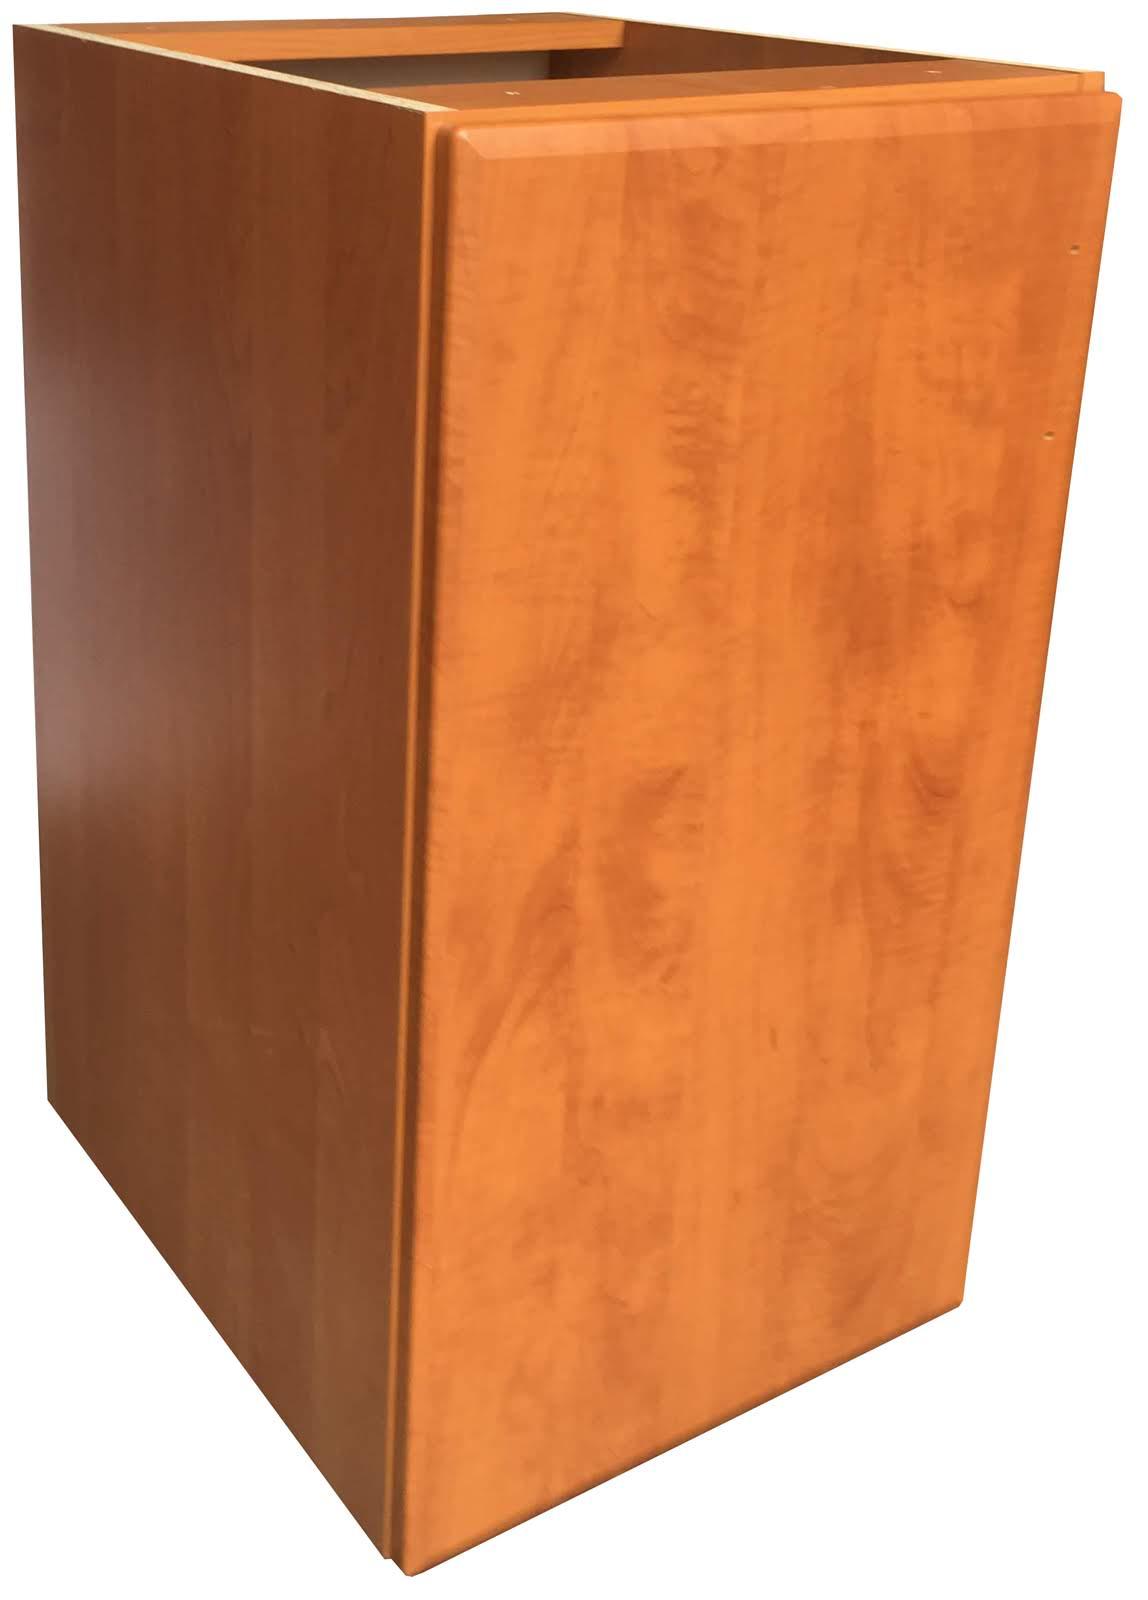 Spodní kuchyňská skříňka Diana 40 cm - výprodej